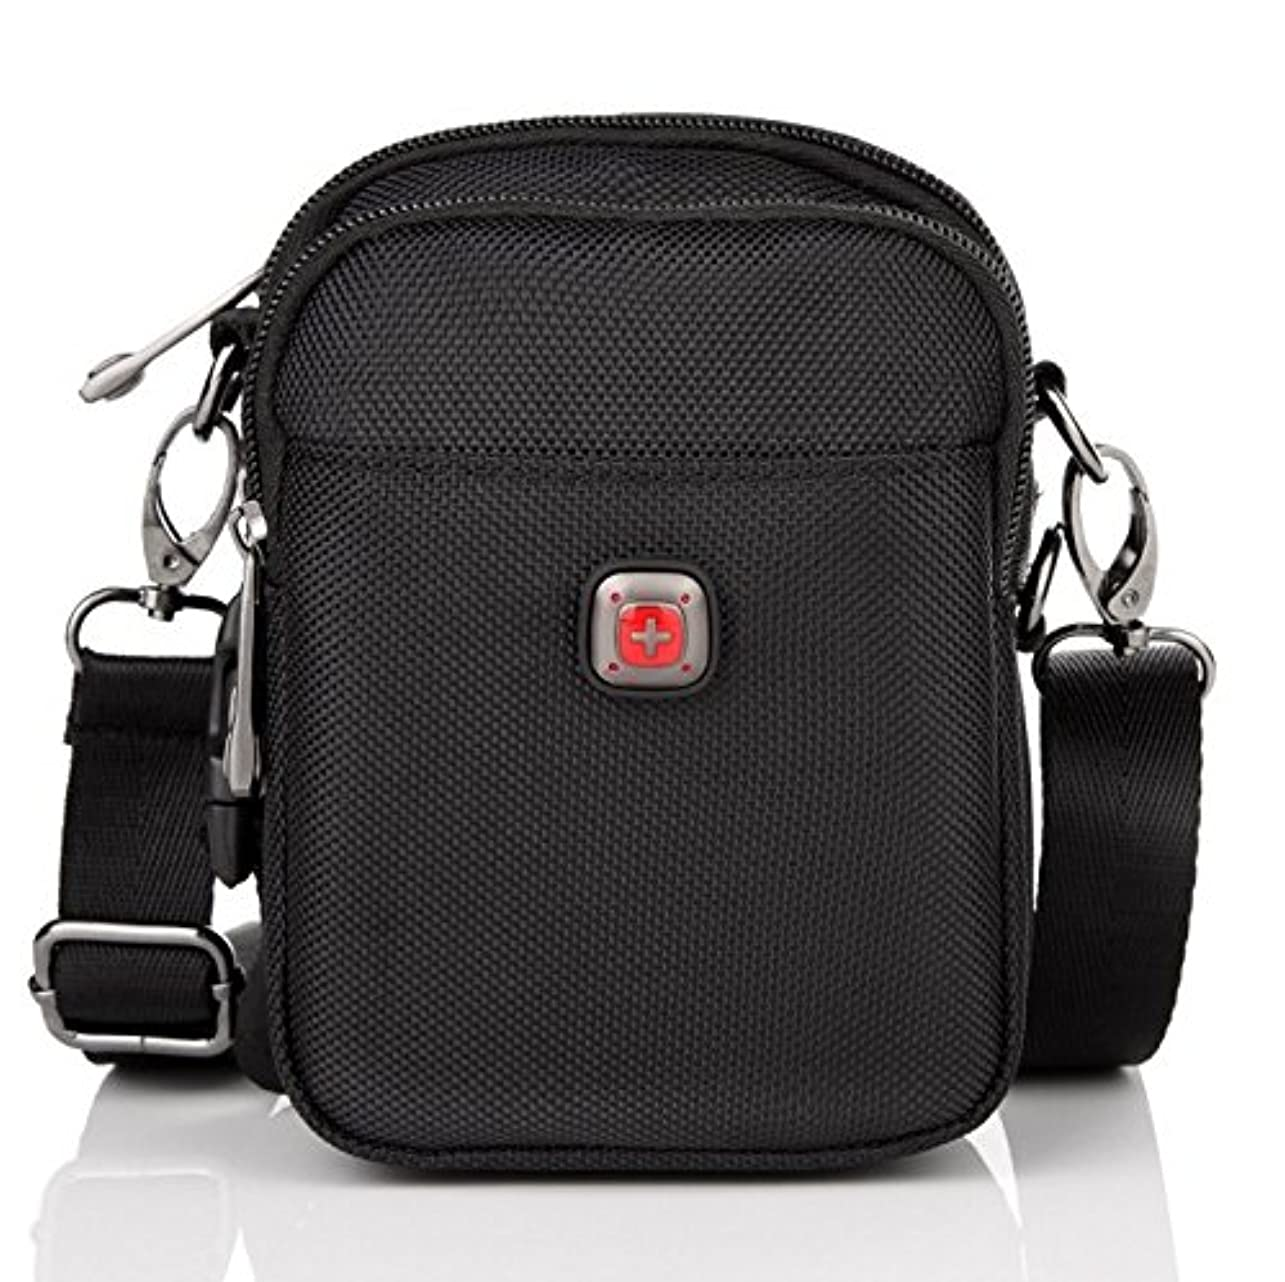 コンペマルコポーロ描写ボディバッグ 肩掛けバッグ 斜めがけ 片掛け 斜めがけ ショルダーバッグ メンズ ユニセックス アウトドア スポーツ 通学/登山/旅行バッグ 色:ブラック